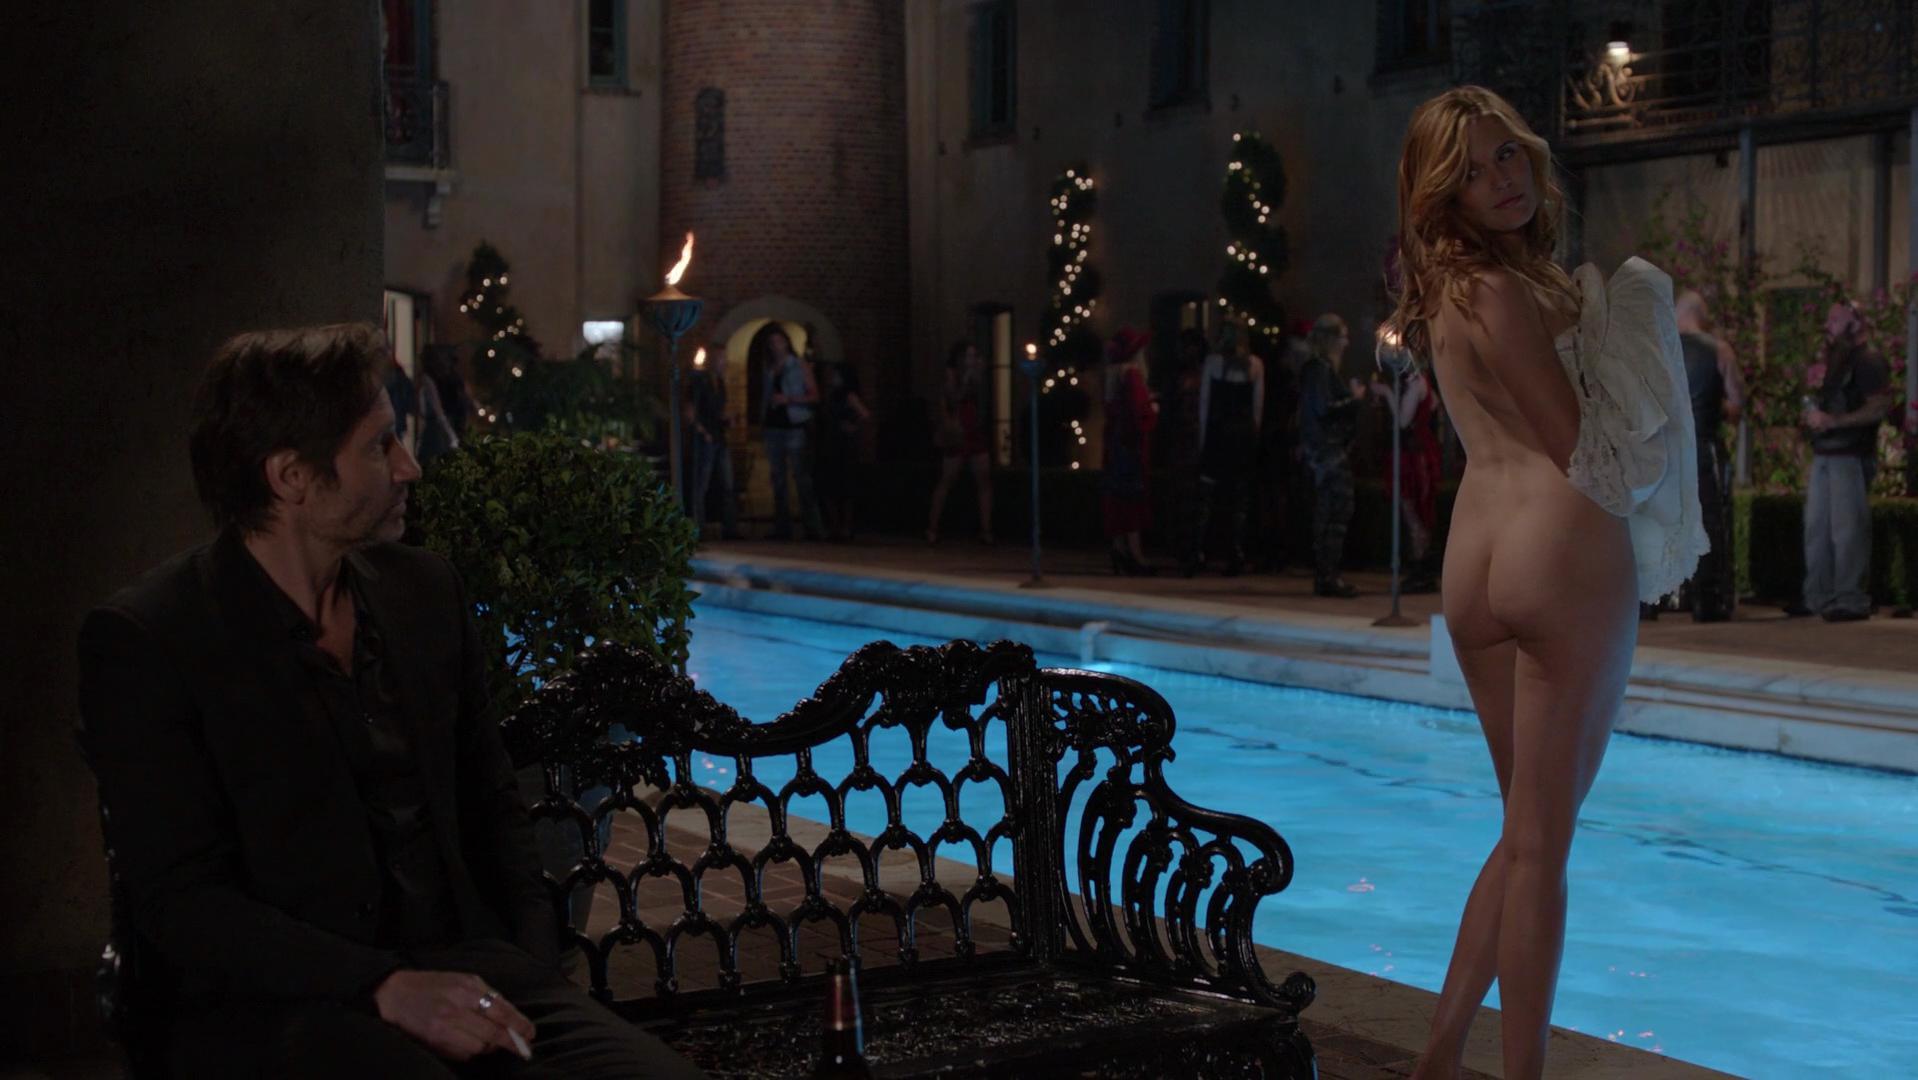 Camilla luddington nude scene in californication series scandalplanetcom